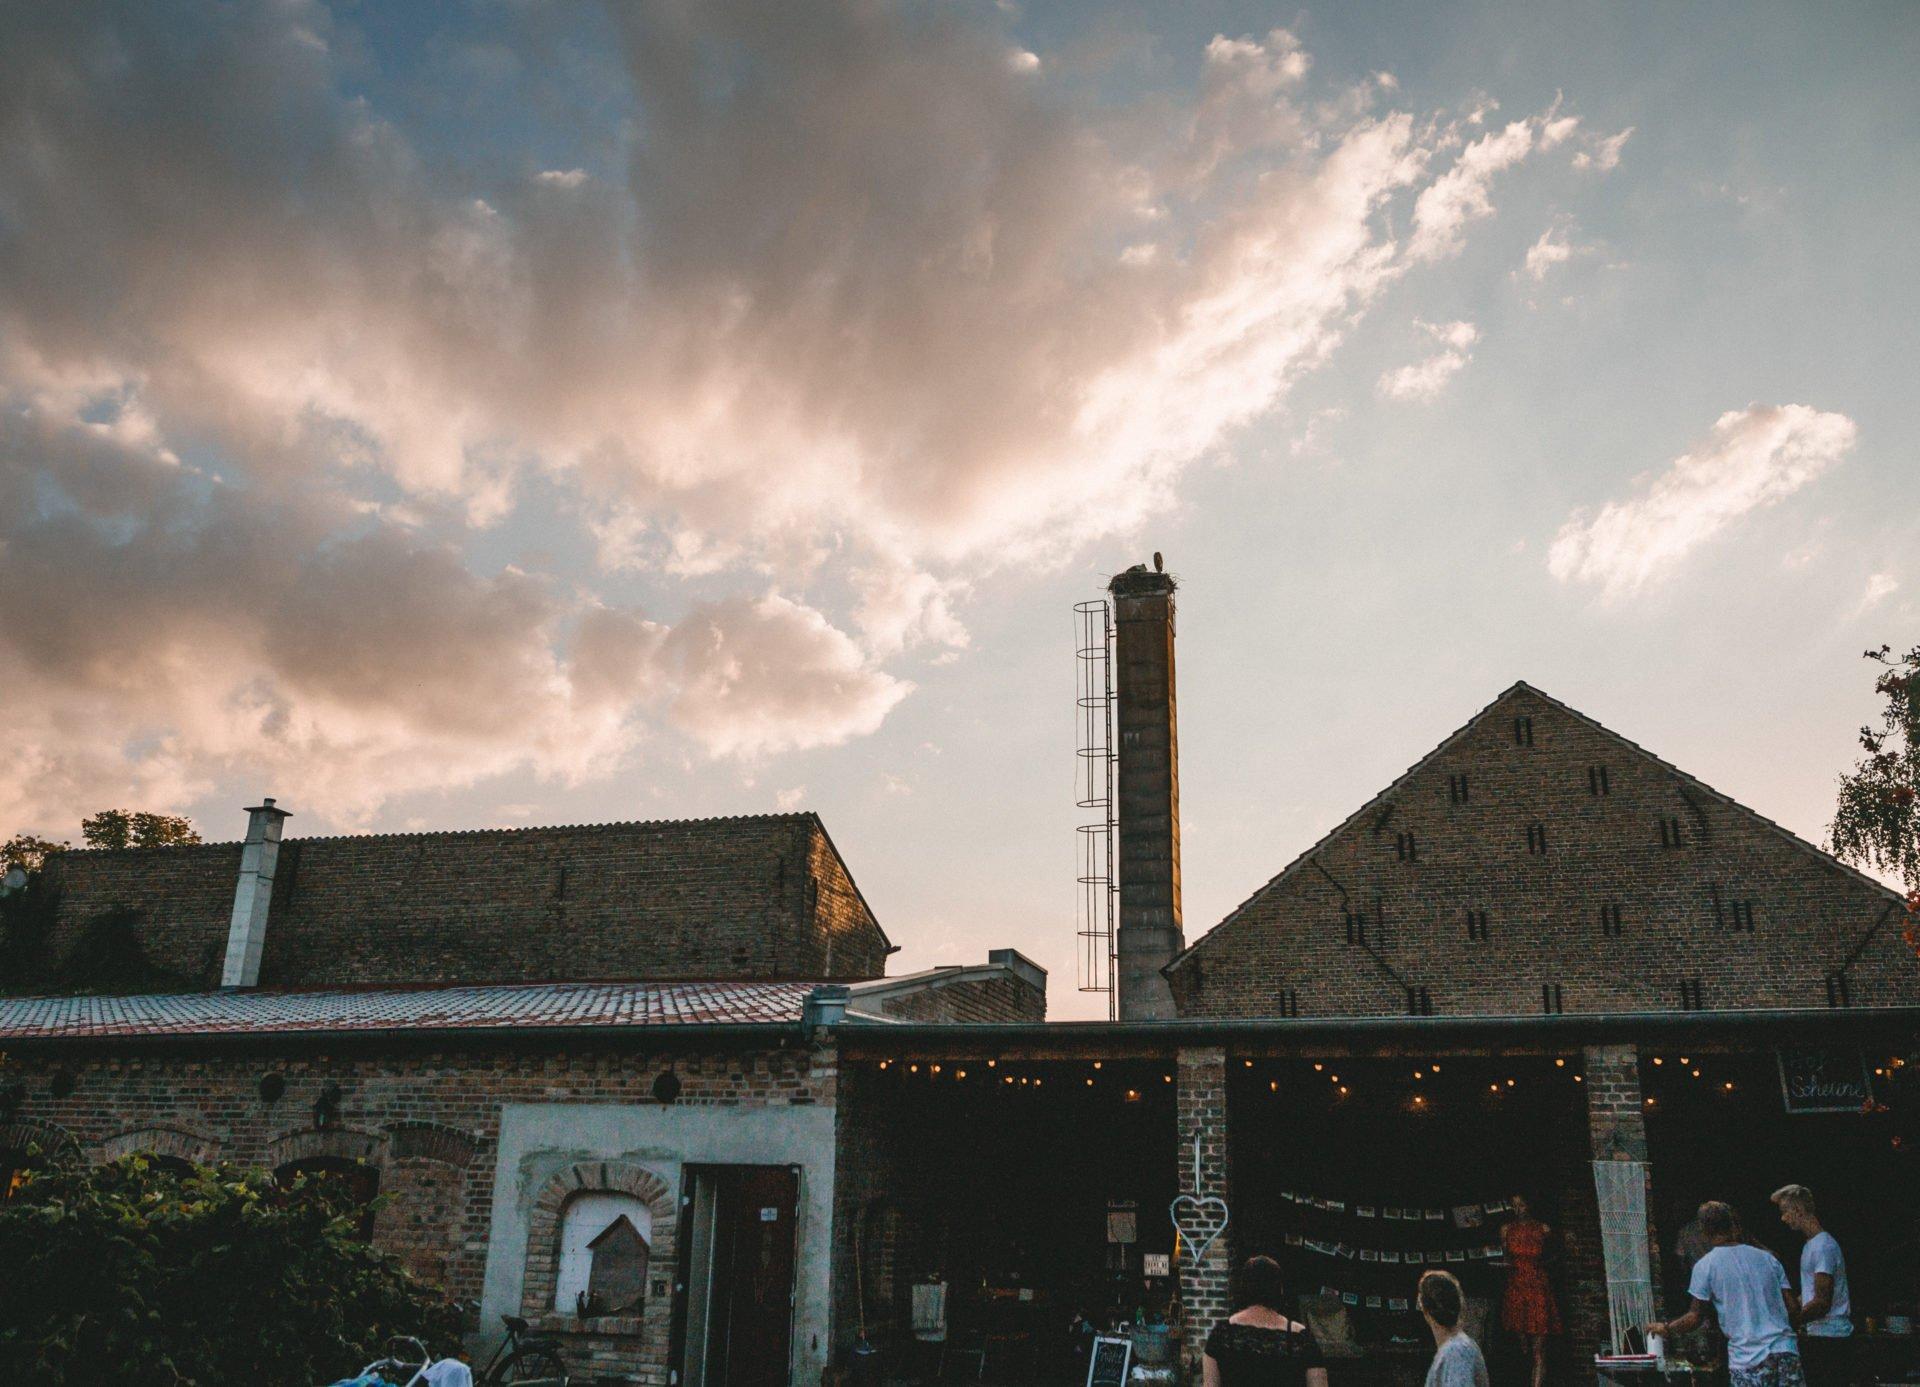 50mmfreunde Berlin Hochzeit 084 1920x1387 - Sommerhochzeit in dem Vierseithofcafé im Berliner Umland